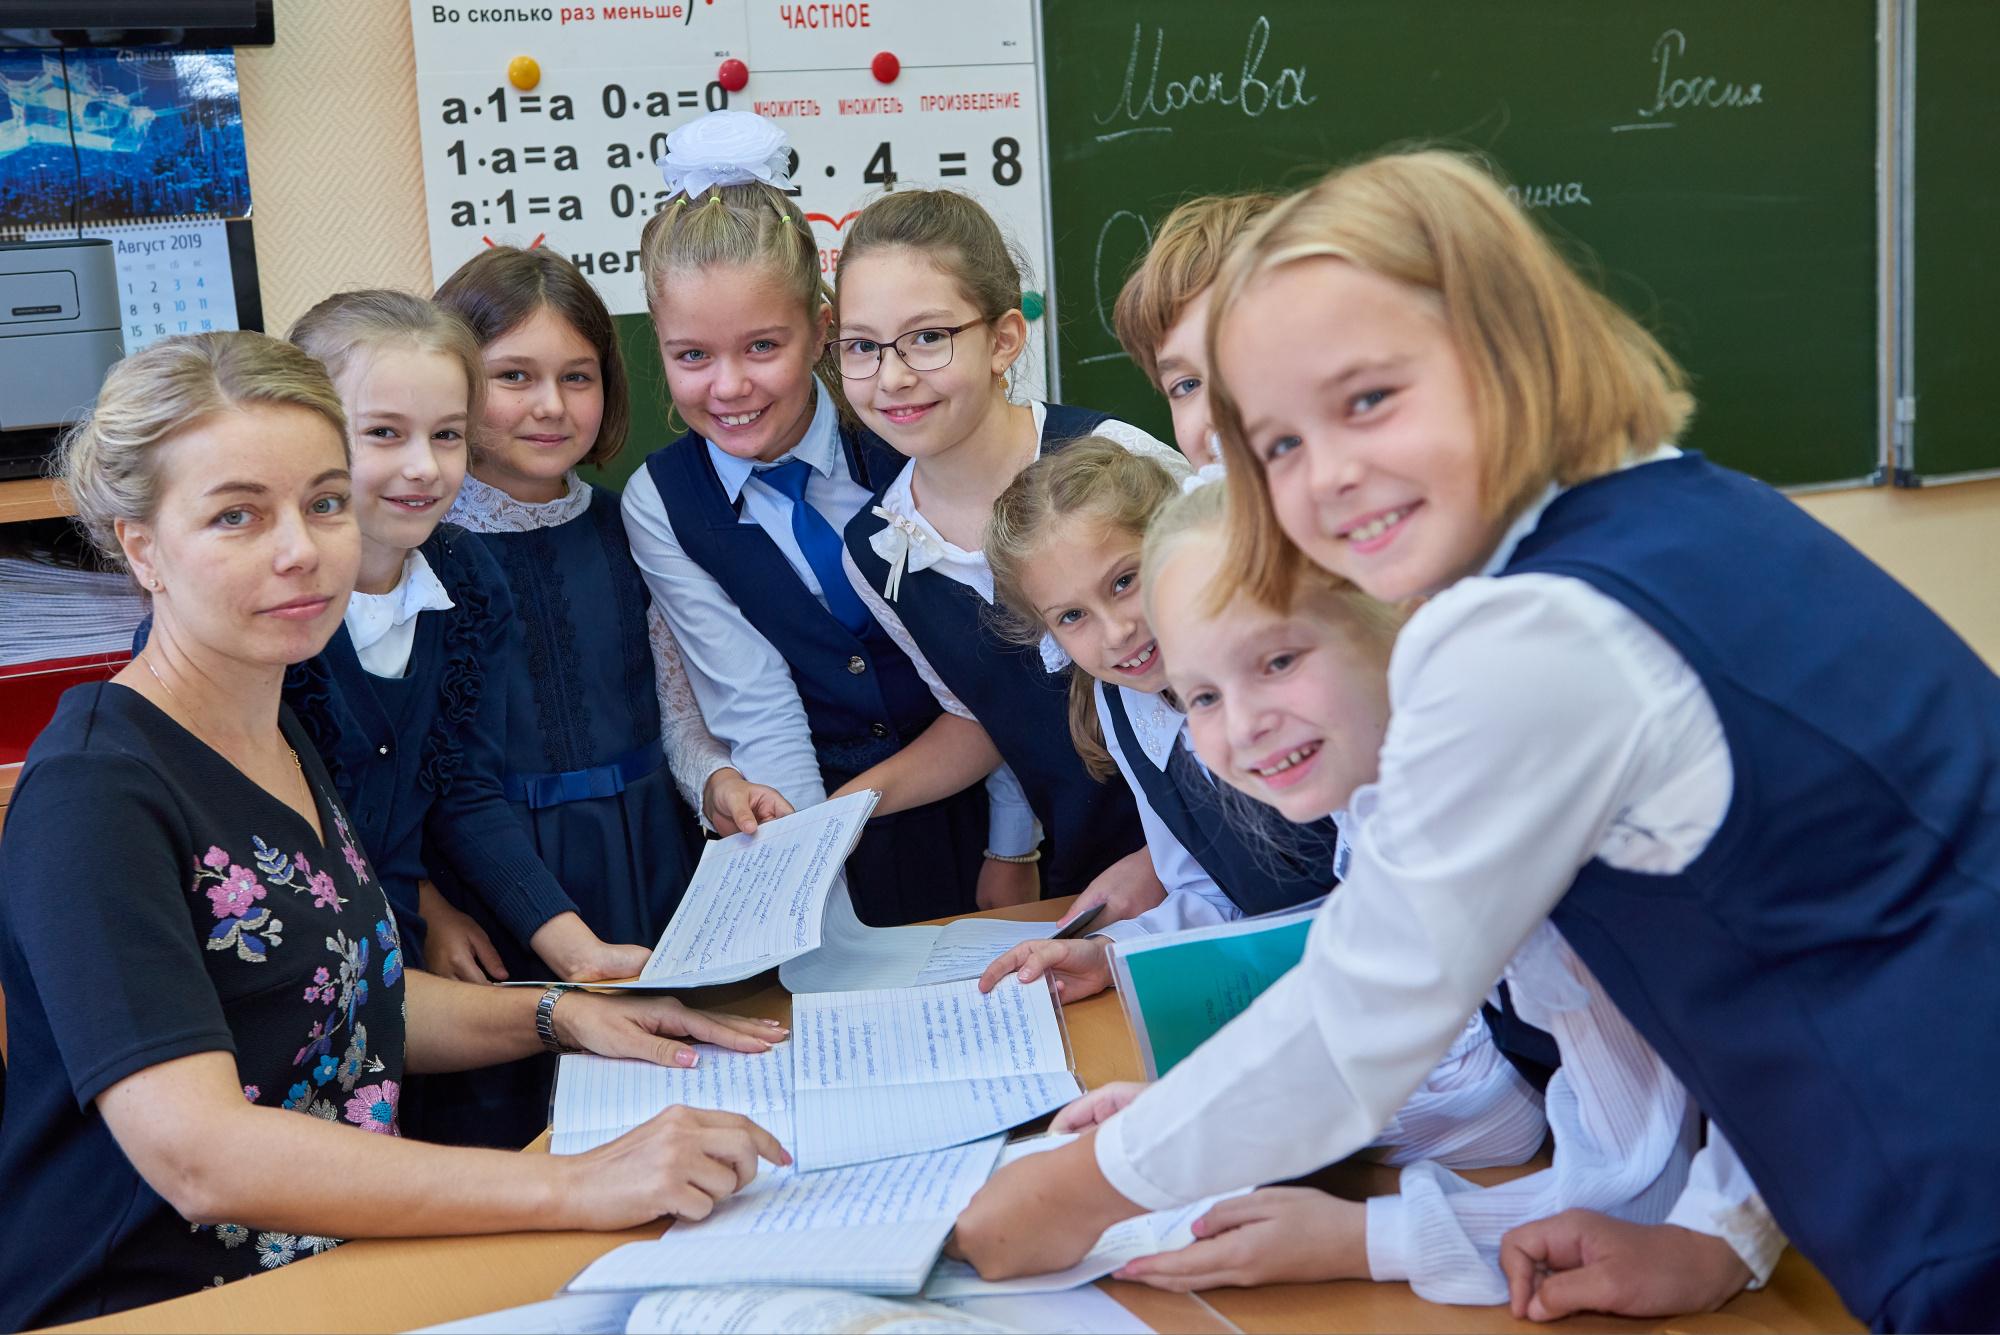 Роль учителя и преподавателя в XXI веке обсудят в рамках Гайдаровского форума